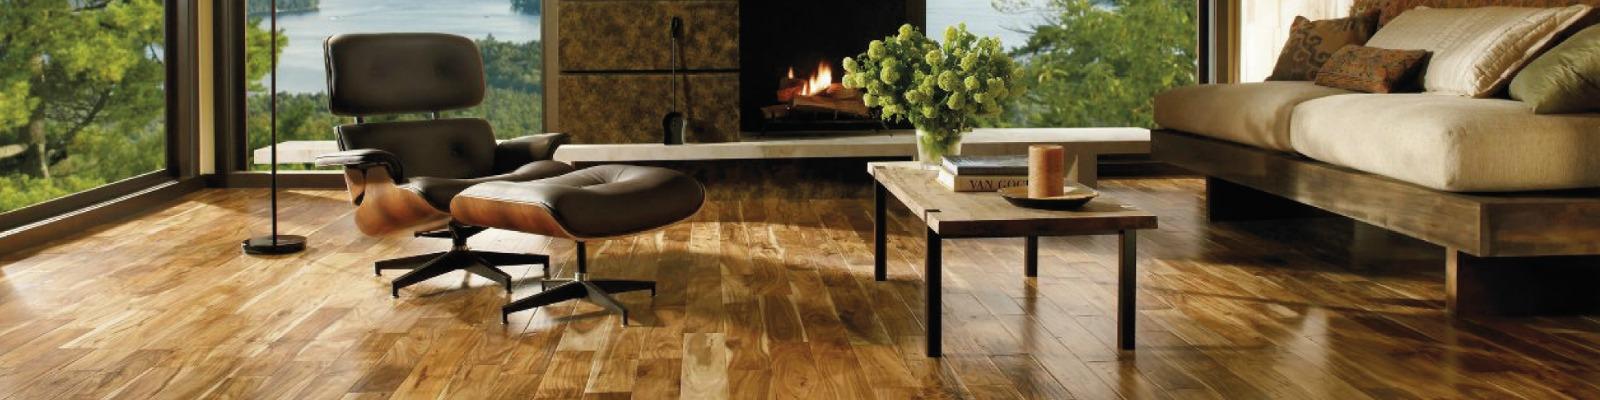 Banner-de-cada-seccion-piso-de-madera-laminado-vinilico-y-deck